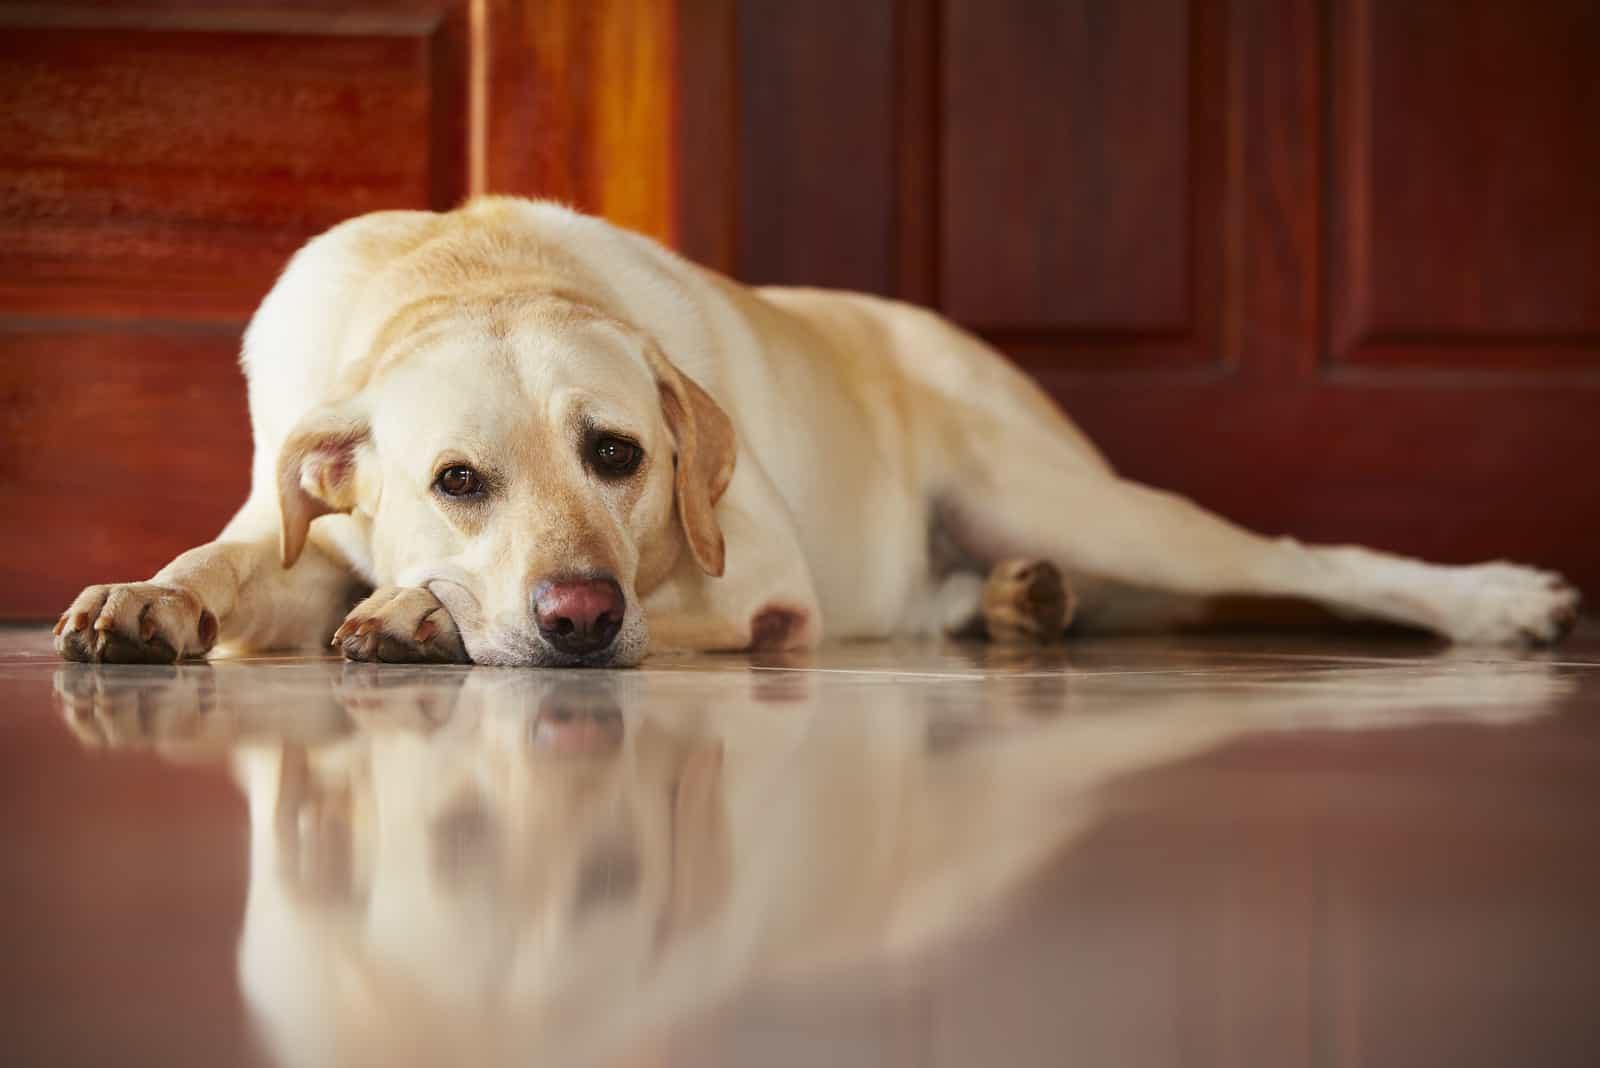 Labrador Retriever liegt in der Tür des Hauses